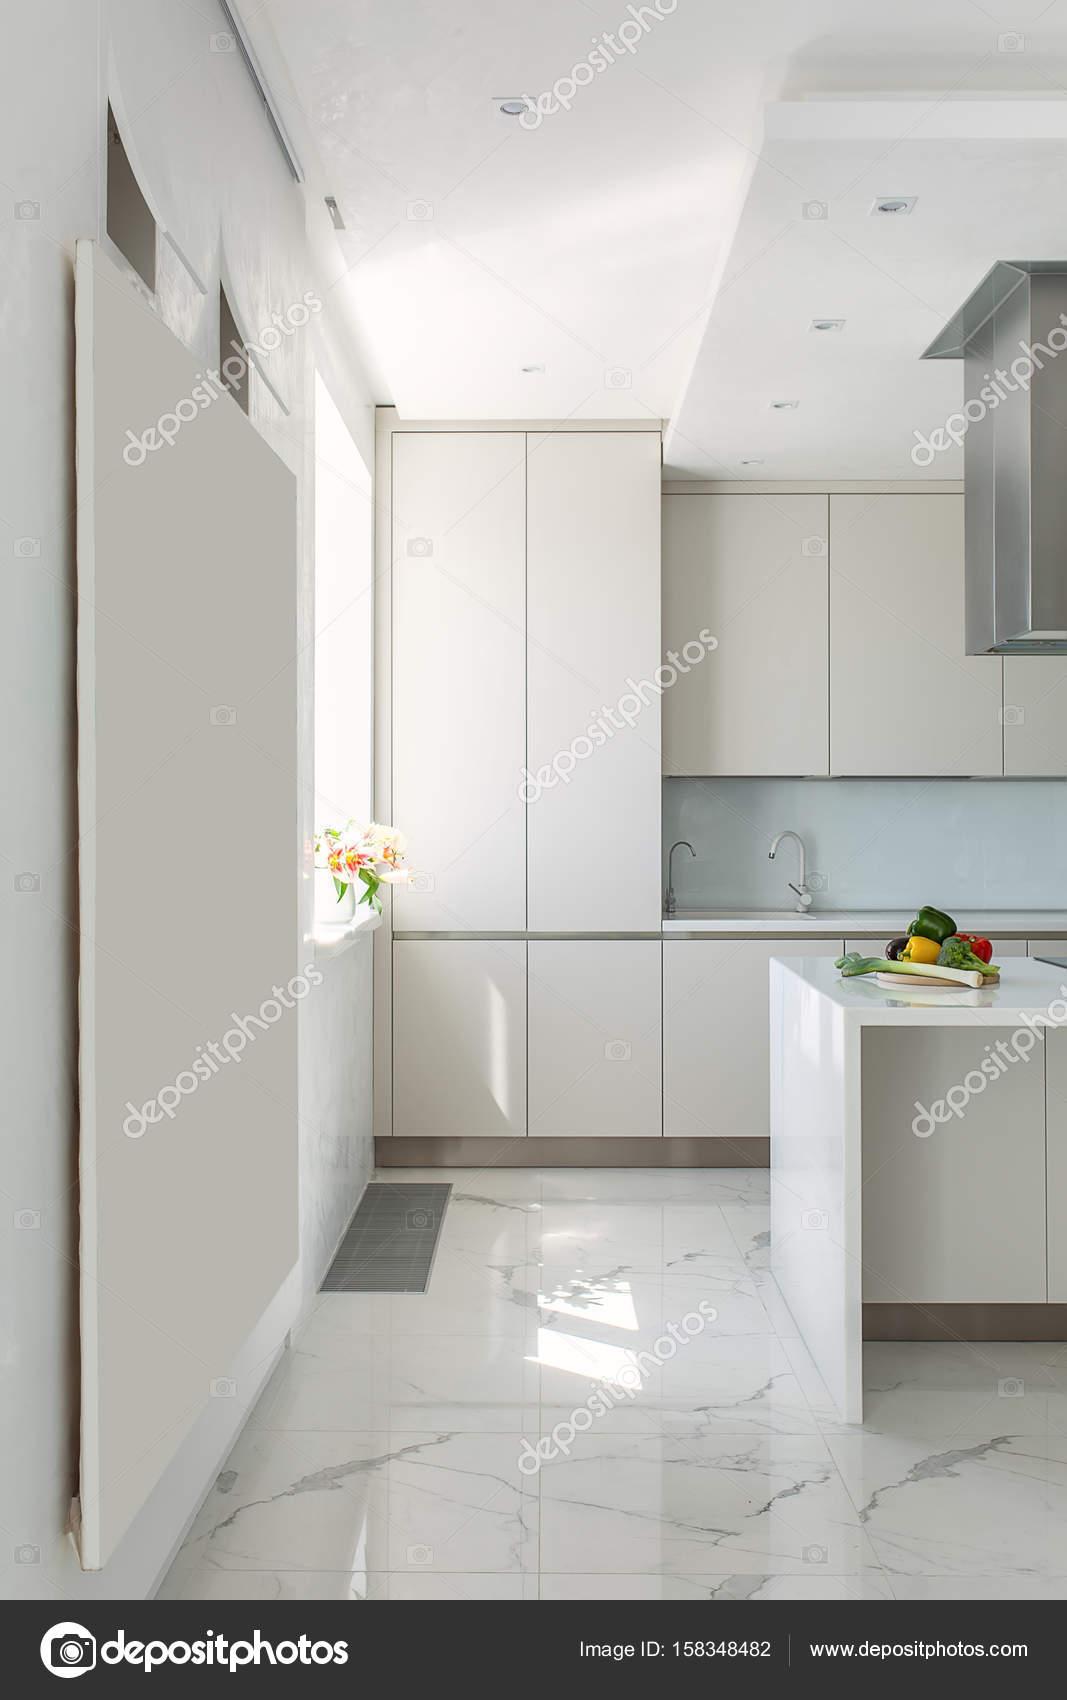 Cozinha Em Estilo Moderno Stock Photo Bezikus 158348482